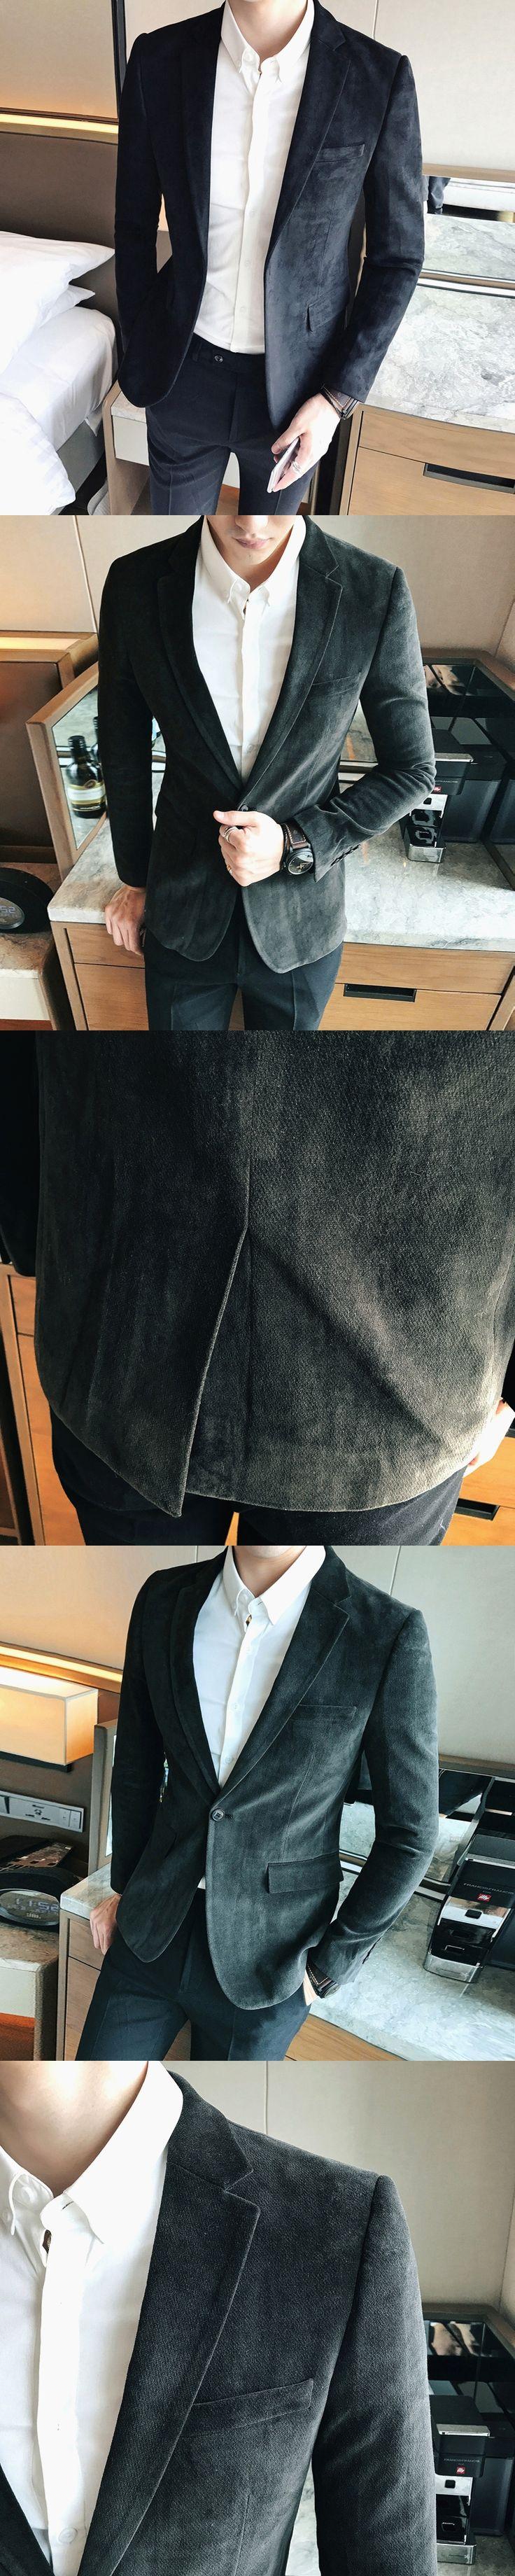 2017 Winter Suits Mens Dark Green Suits Men Deerskin Smoking Jackets Black Tuxedo Terno Slim Fit Casacas Hombre Azul Korea Dress